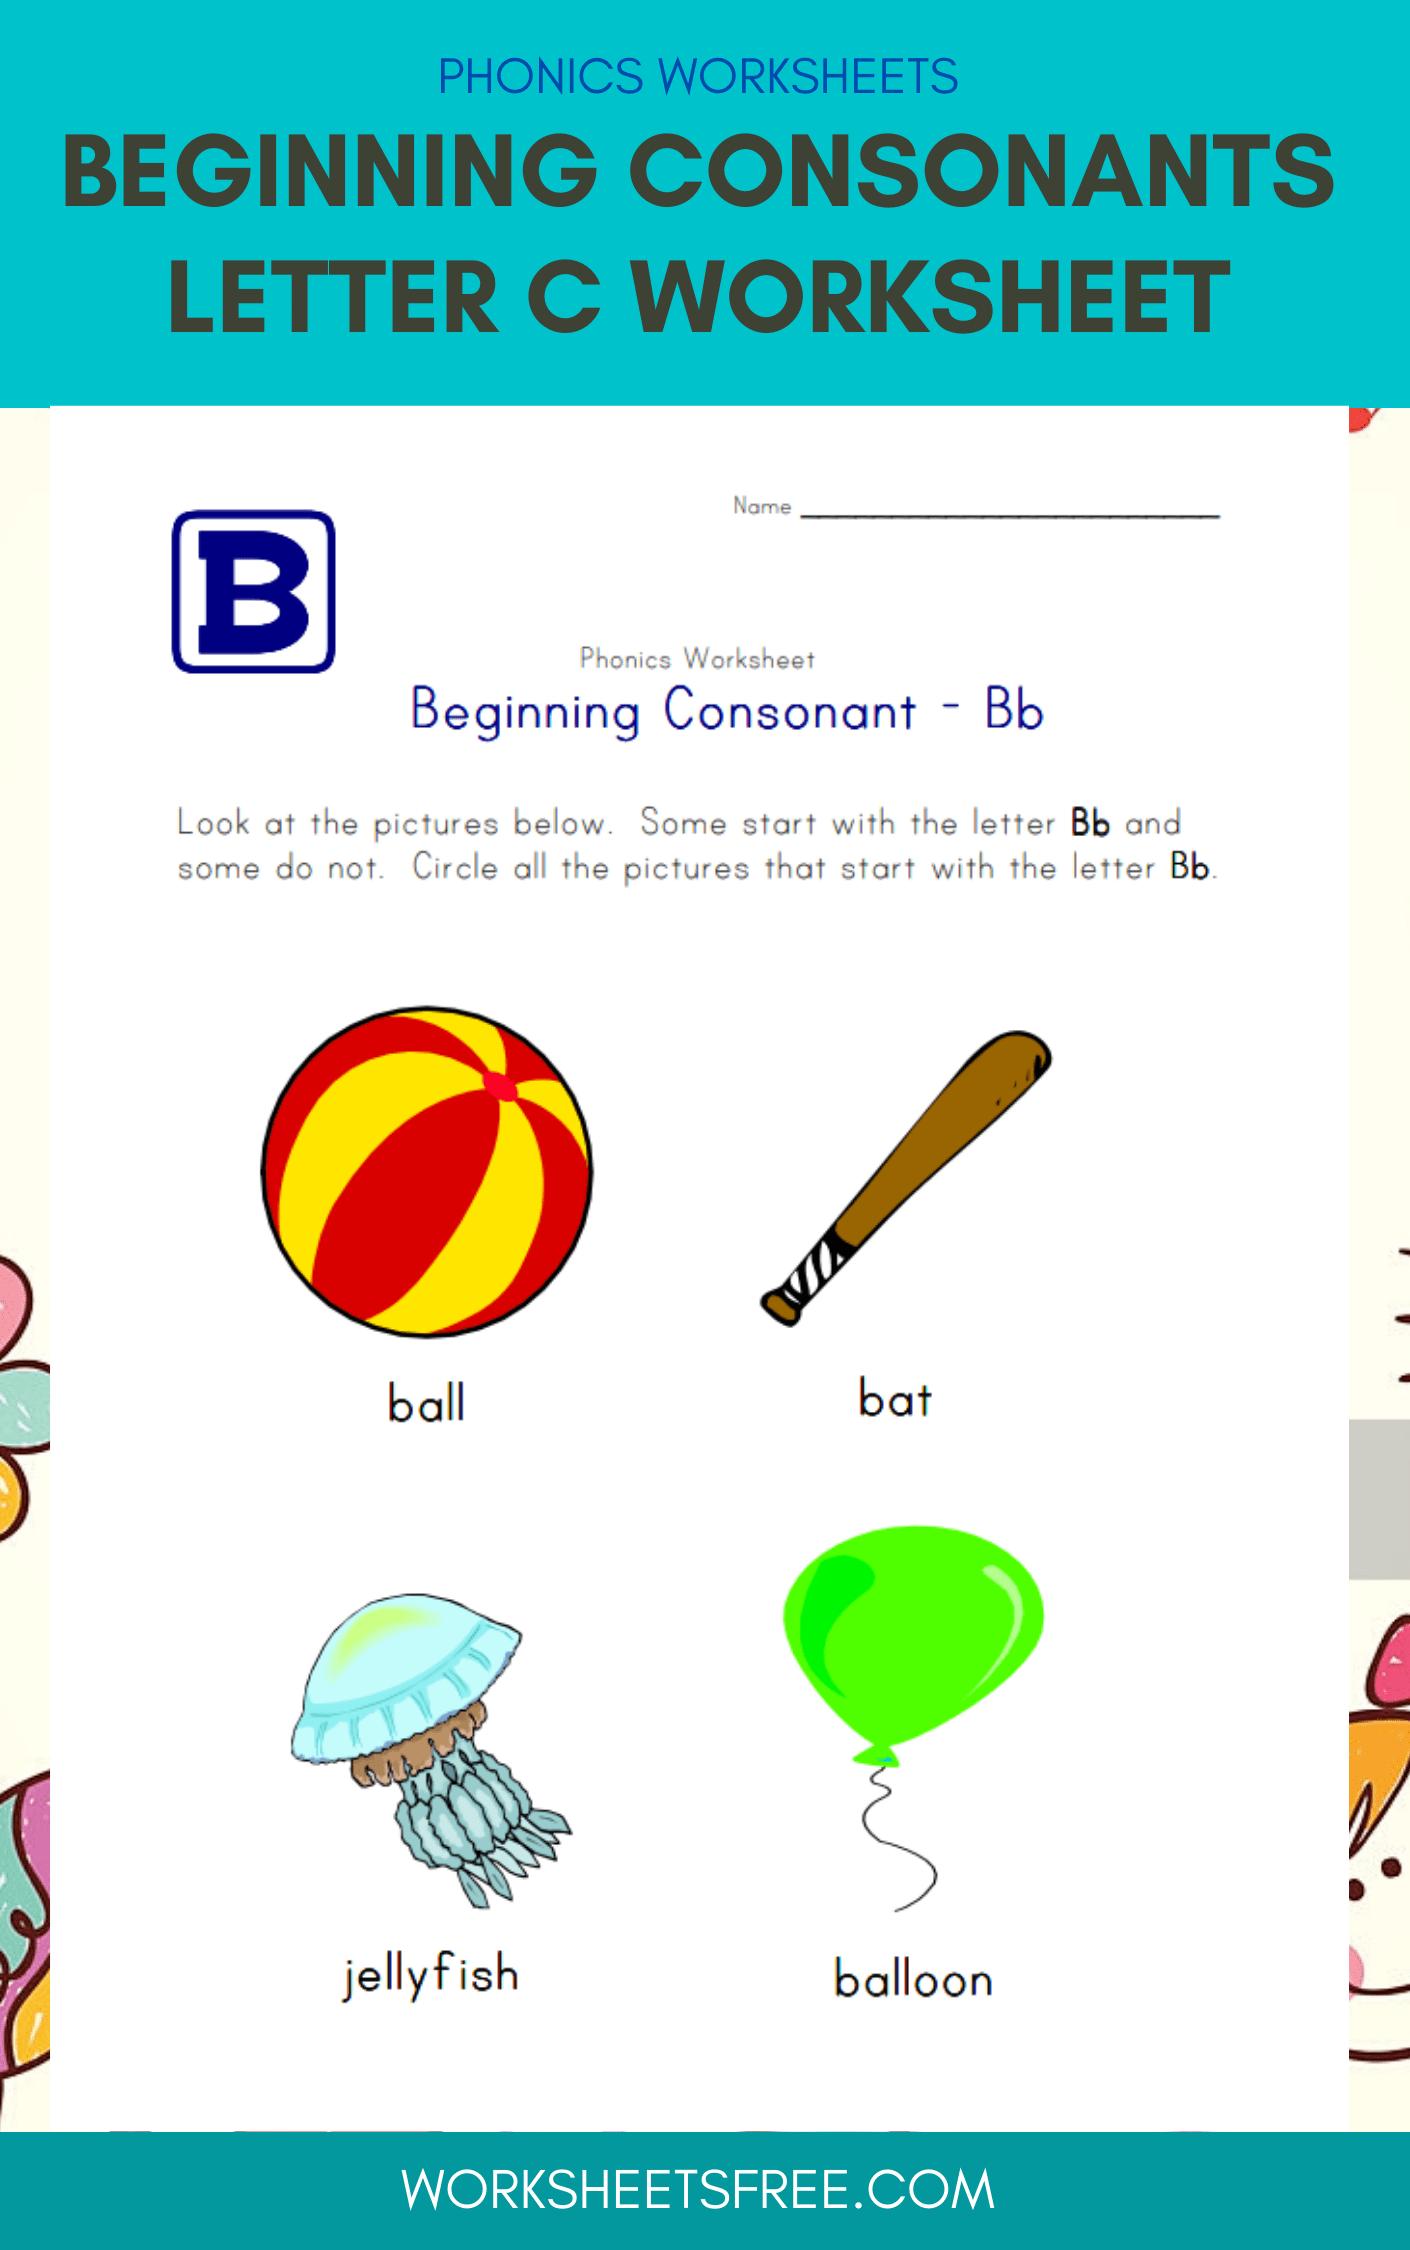 Beginning Consonants Letter C Worksheet